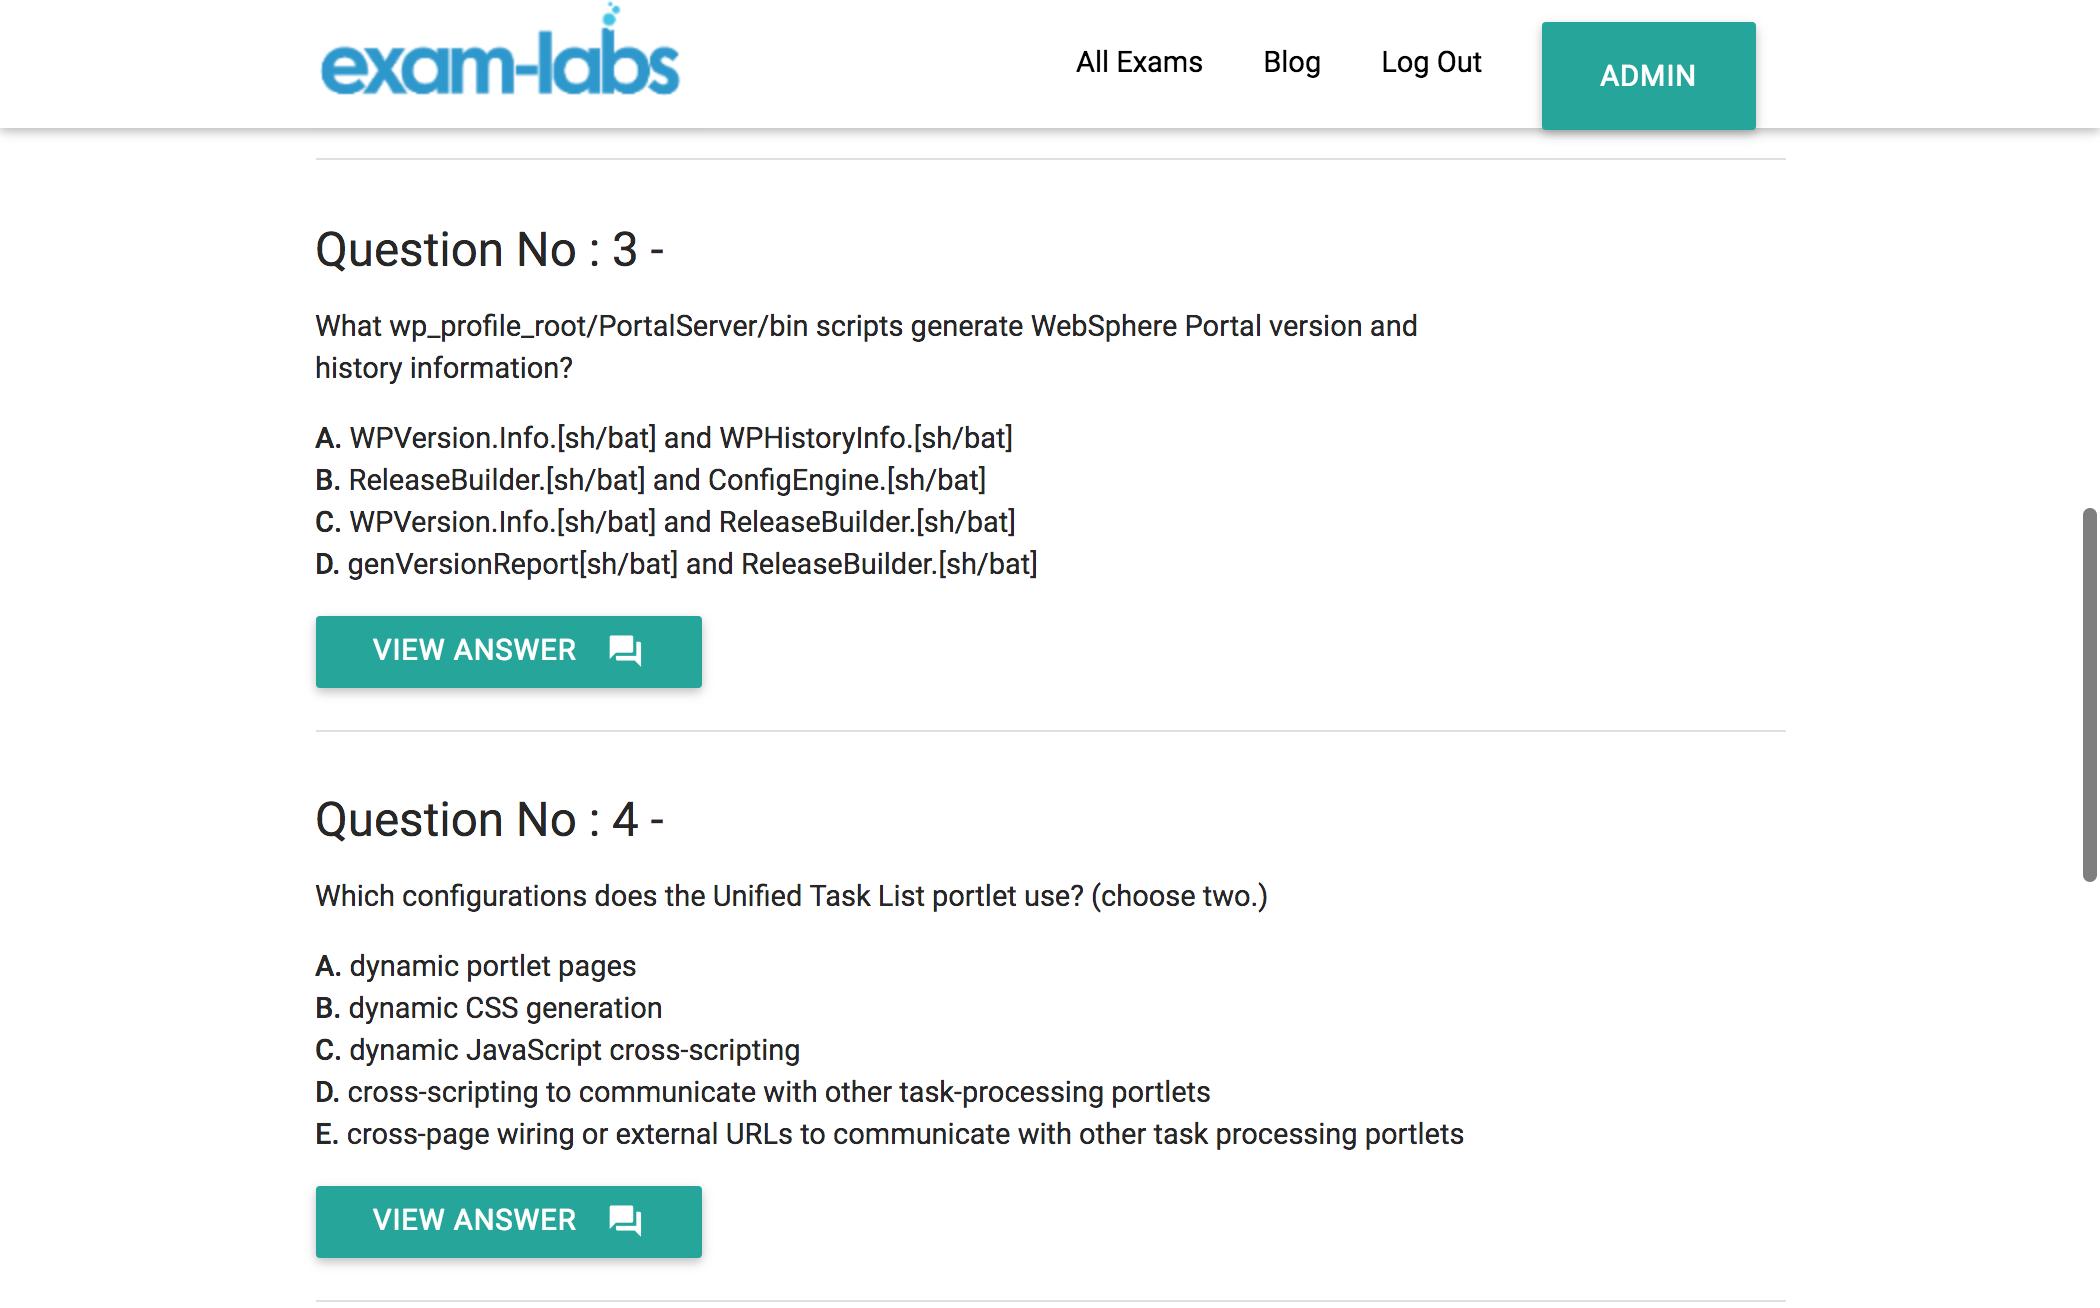 C9520-427 - IBM Real Exam Questions - 100% Free   Exam-Labs